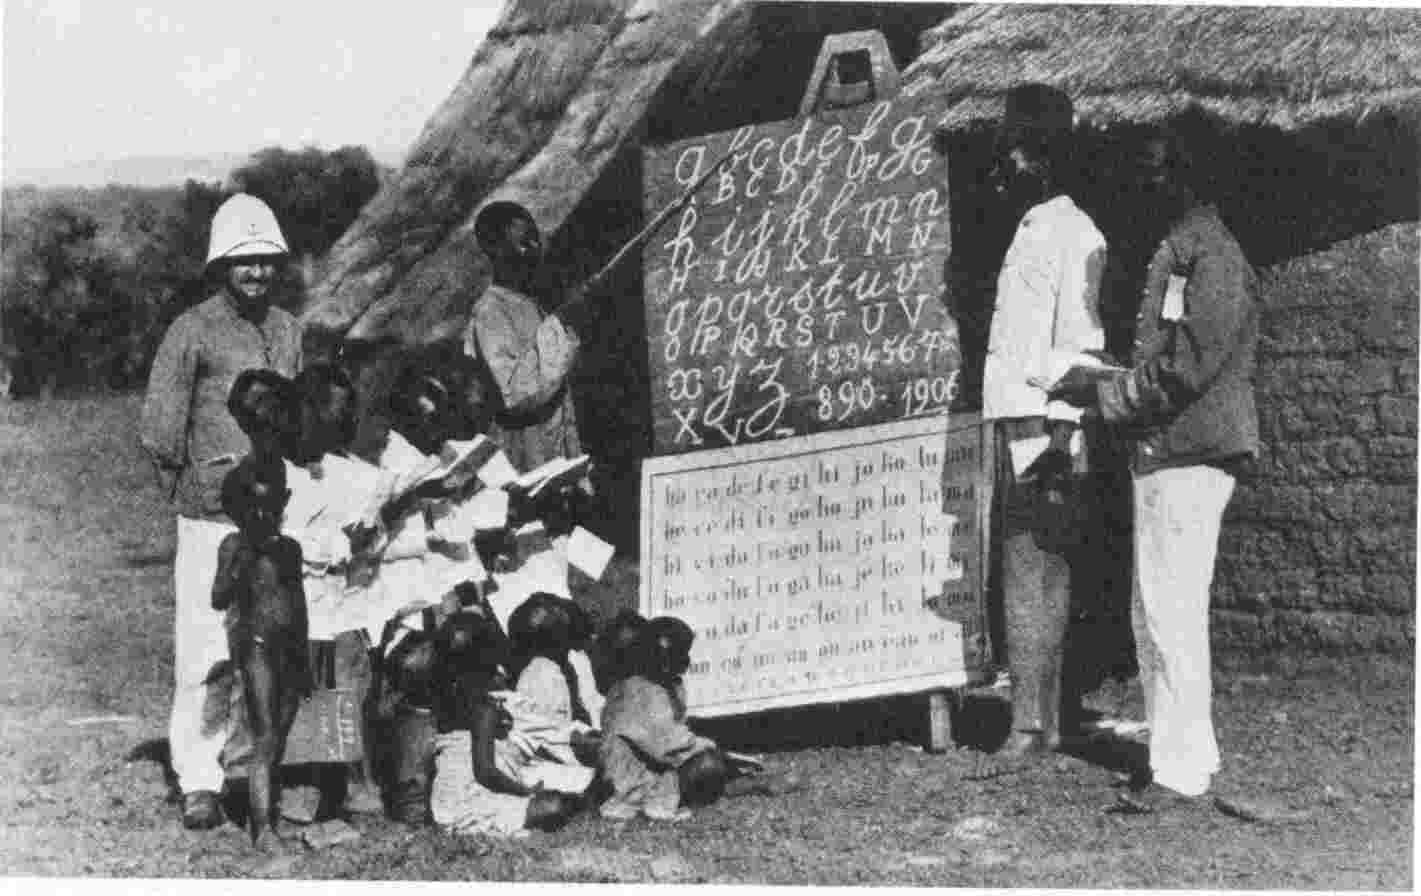 De la colonisation et de la décolonisation, l'aveu de Kofi Yamgnane …